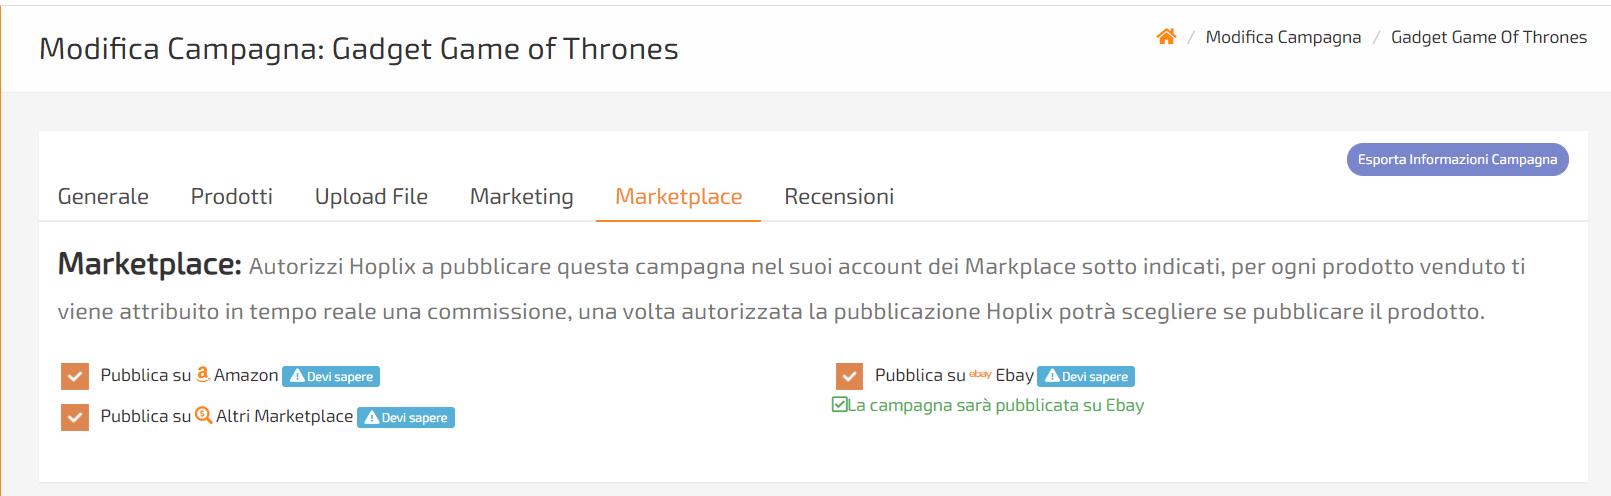 vendi gadget in dropshipping sui vari markeplace tipo amazon e ebay con hoplix